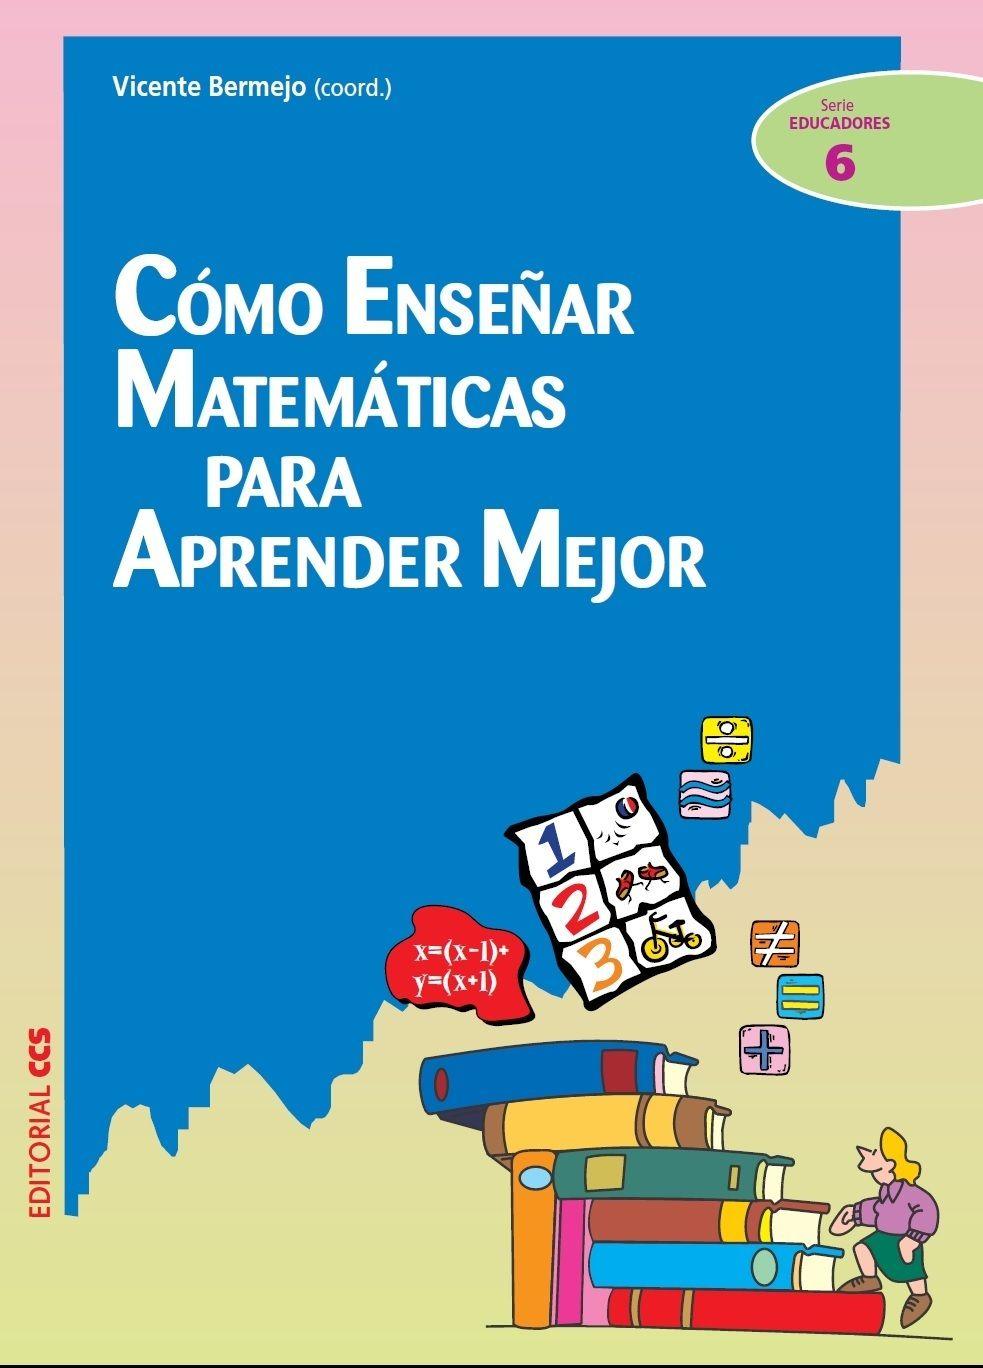 Cómo Enseñar Matemáticas Para Aprender Mejor Vicente Bermejo Editorial Ccs Pdf Google Drive Educación Siglo Xxi Economía 4 0 Como Enseñar Matematicas Enseñar Matemáticas Matematicas